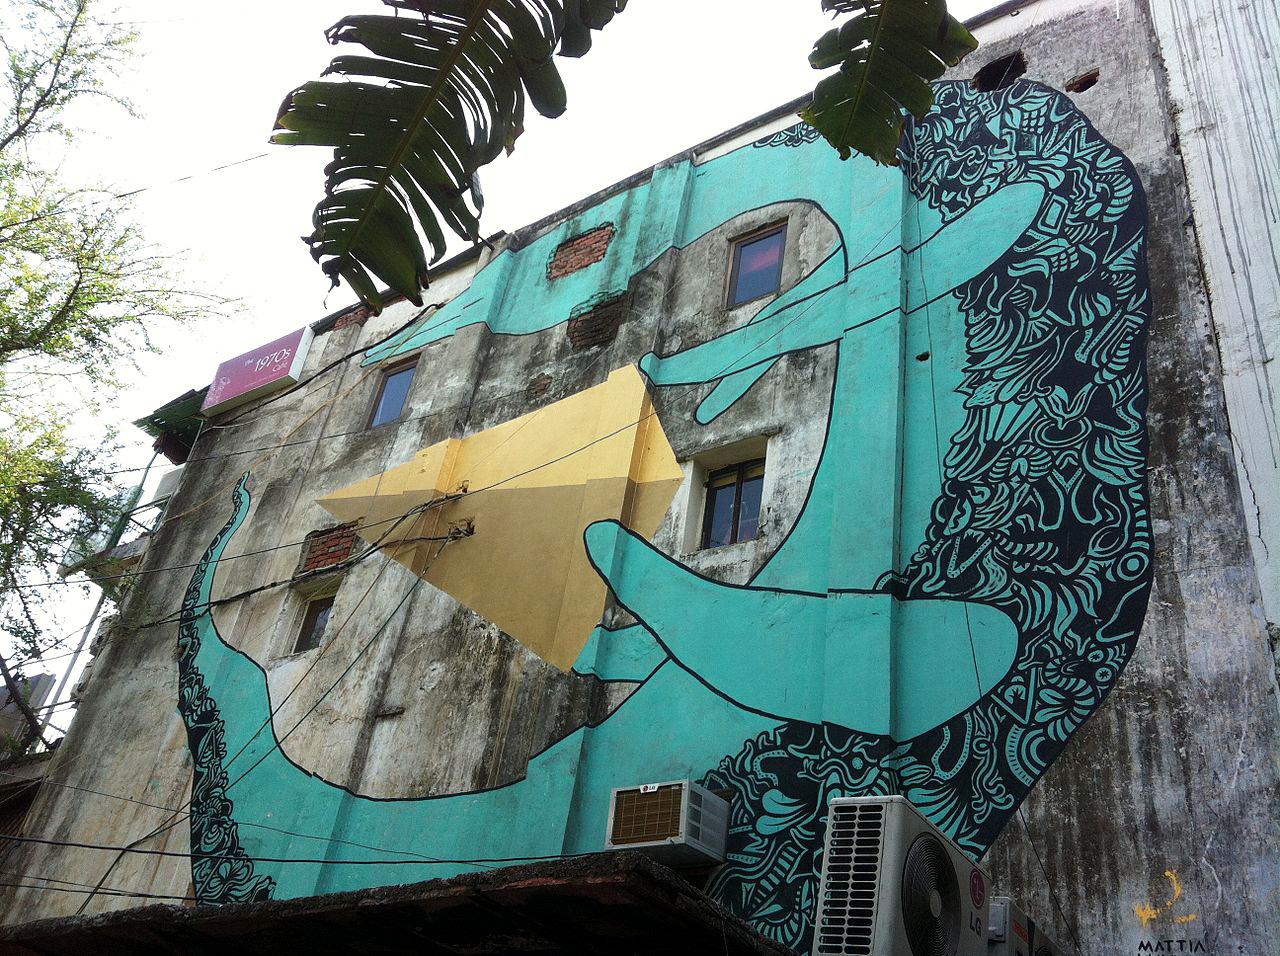 Murals graffiti mattia lullini art festival wall painting for Building wall mural